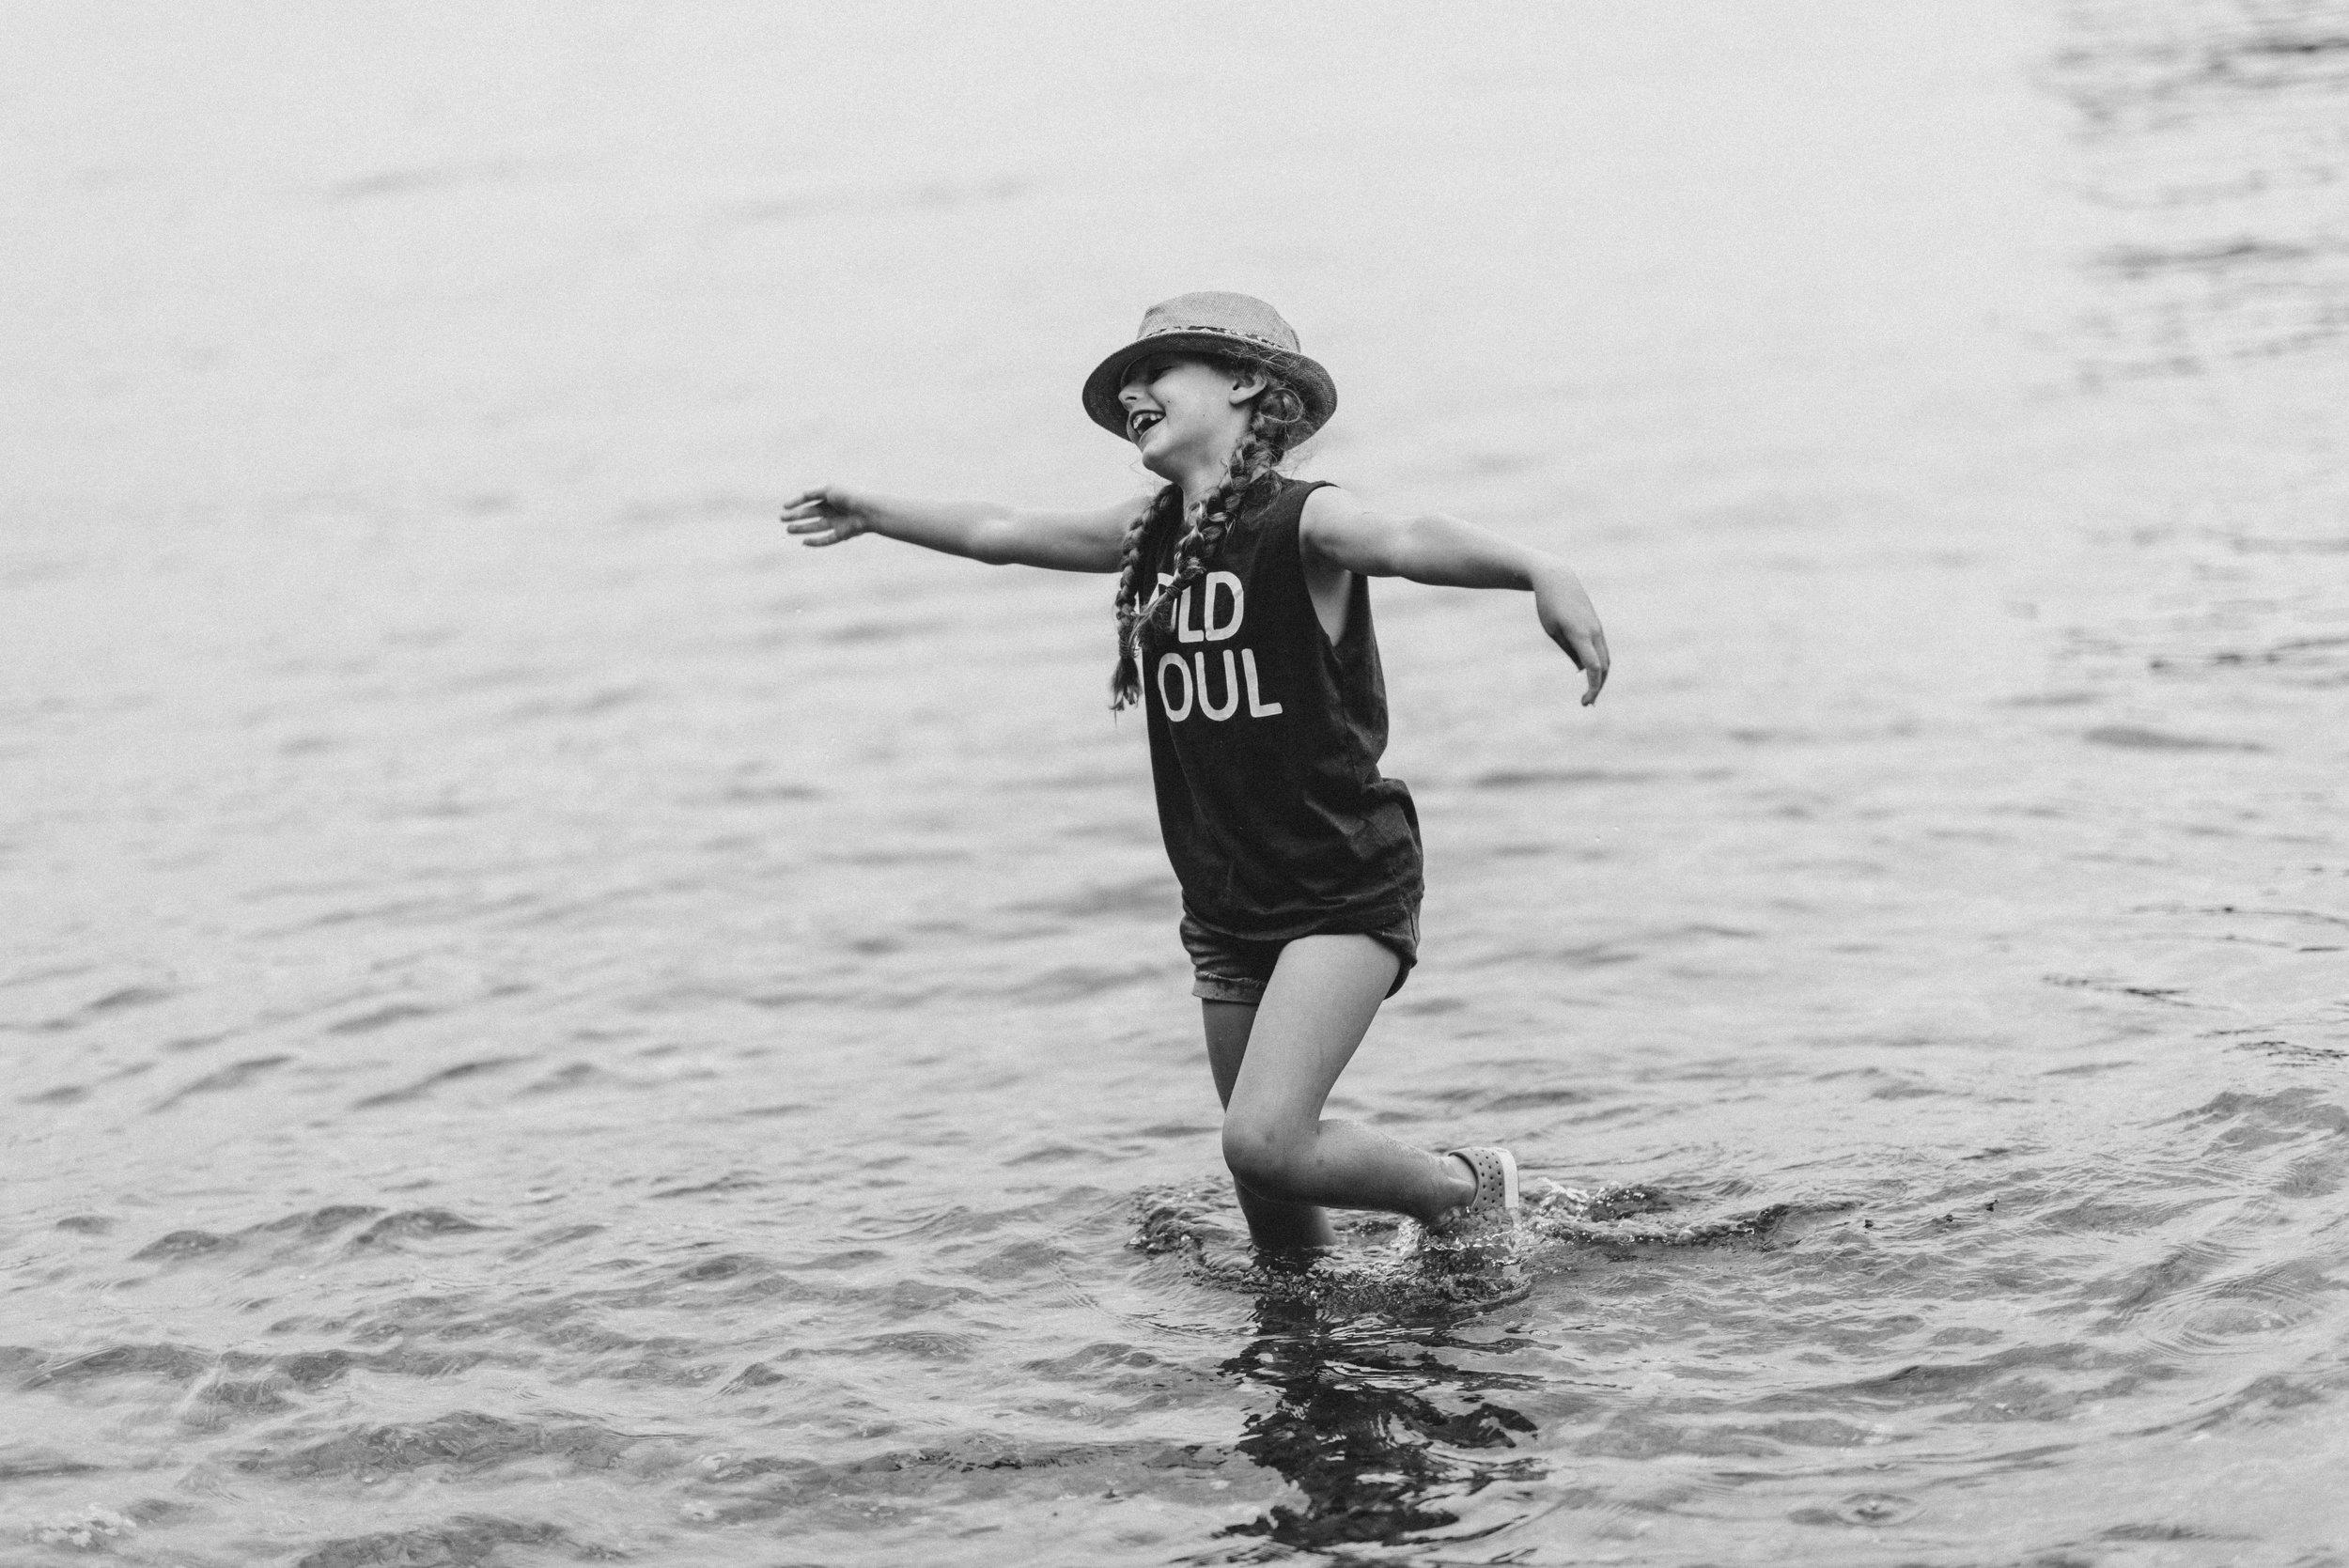 old soul in the ocean